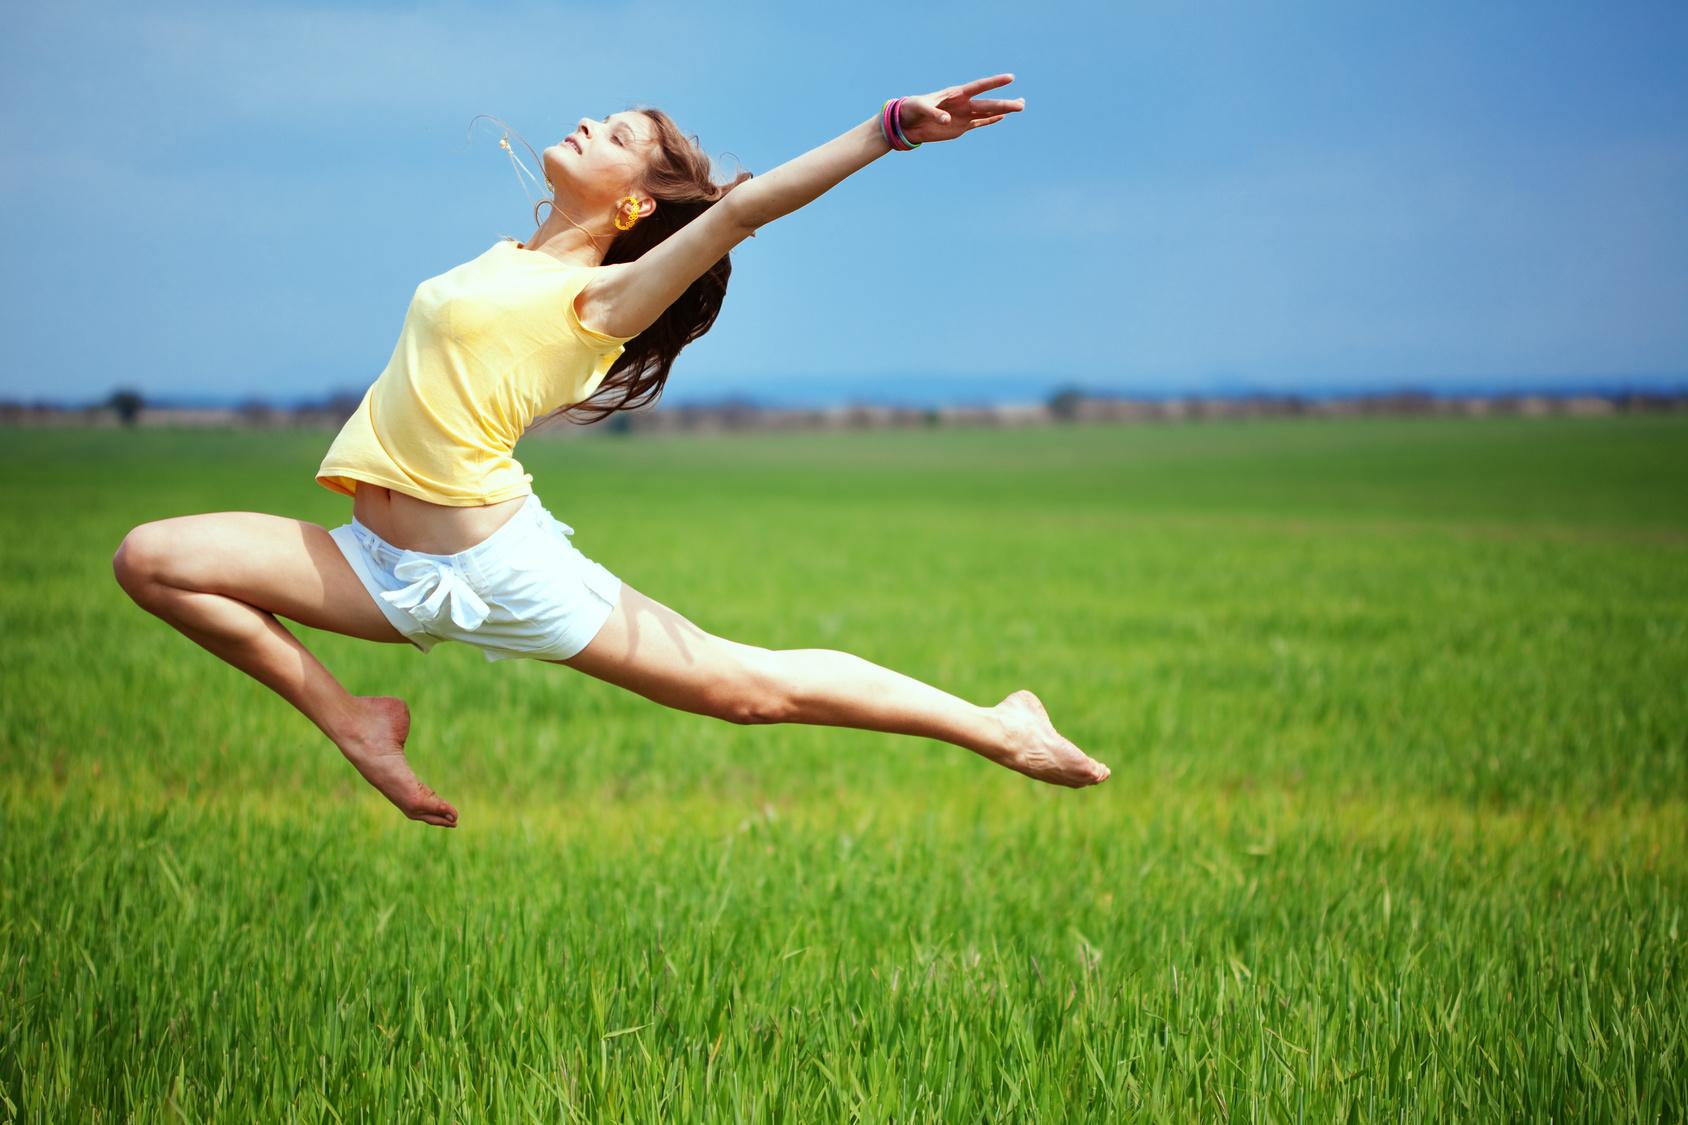 открытая, гимнастика на природе фотографии пейзаж